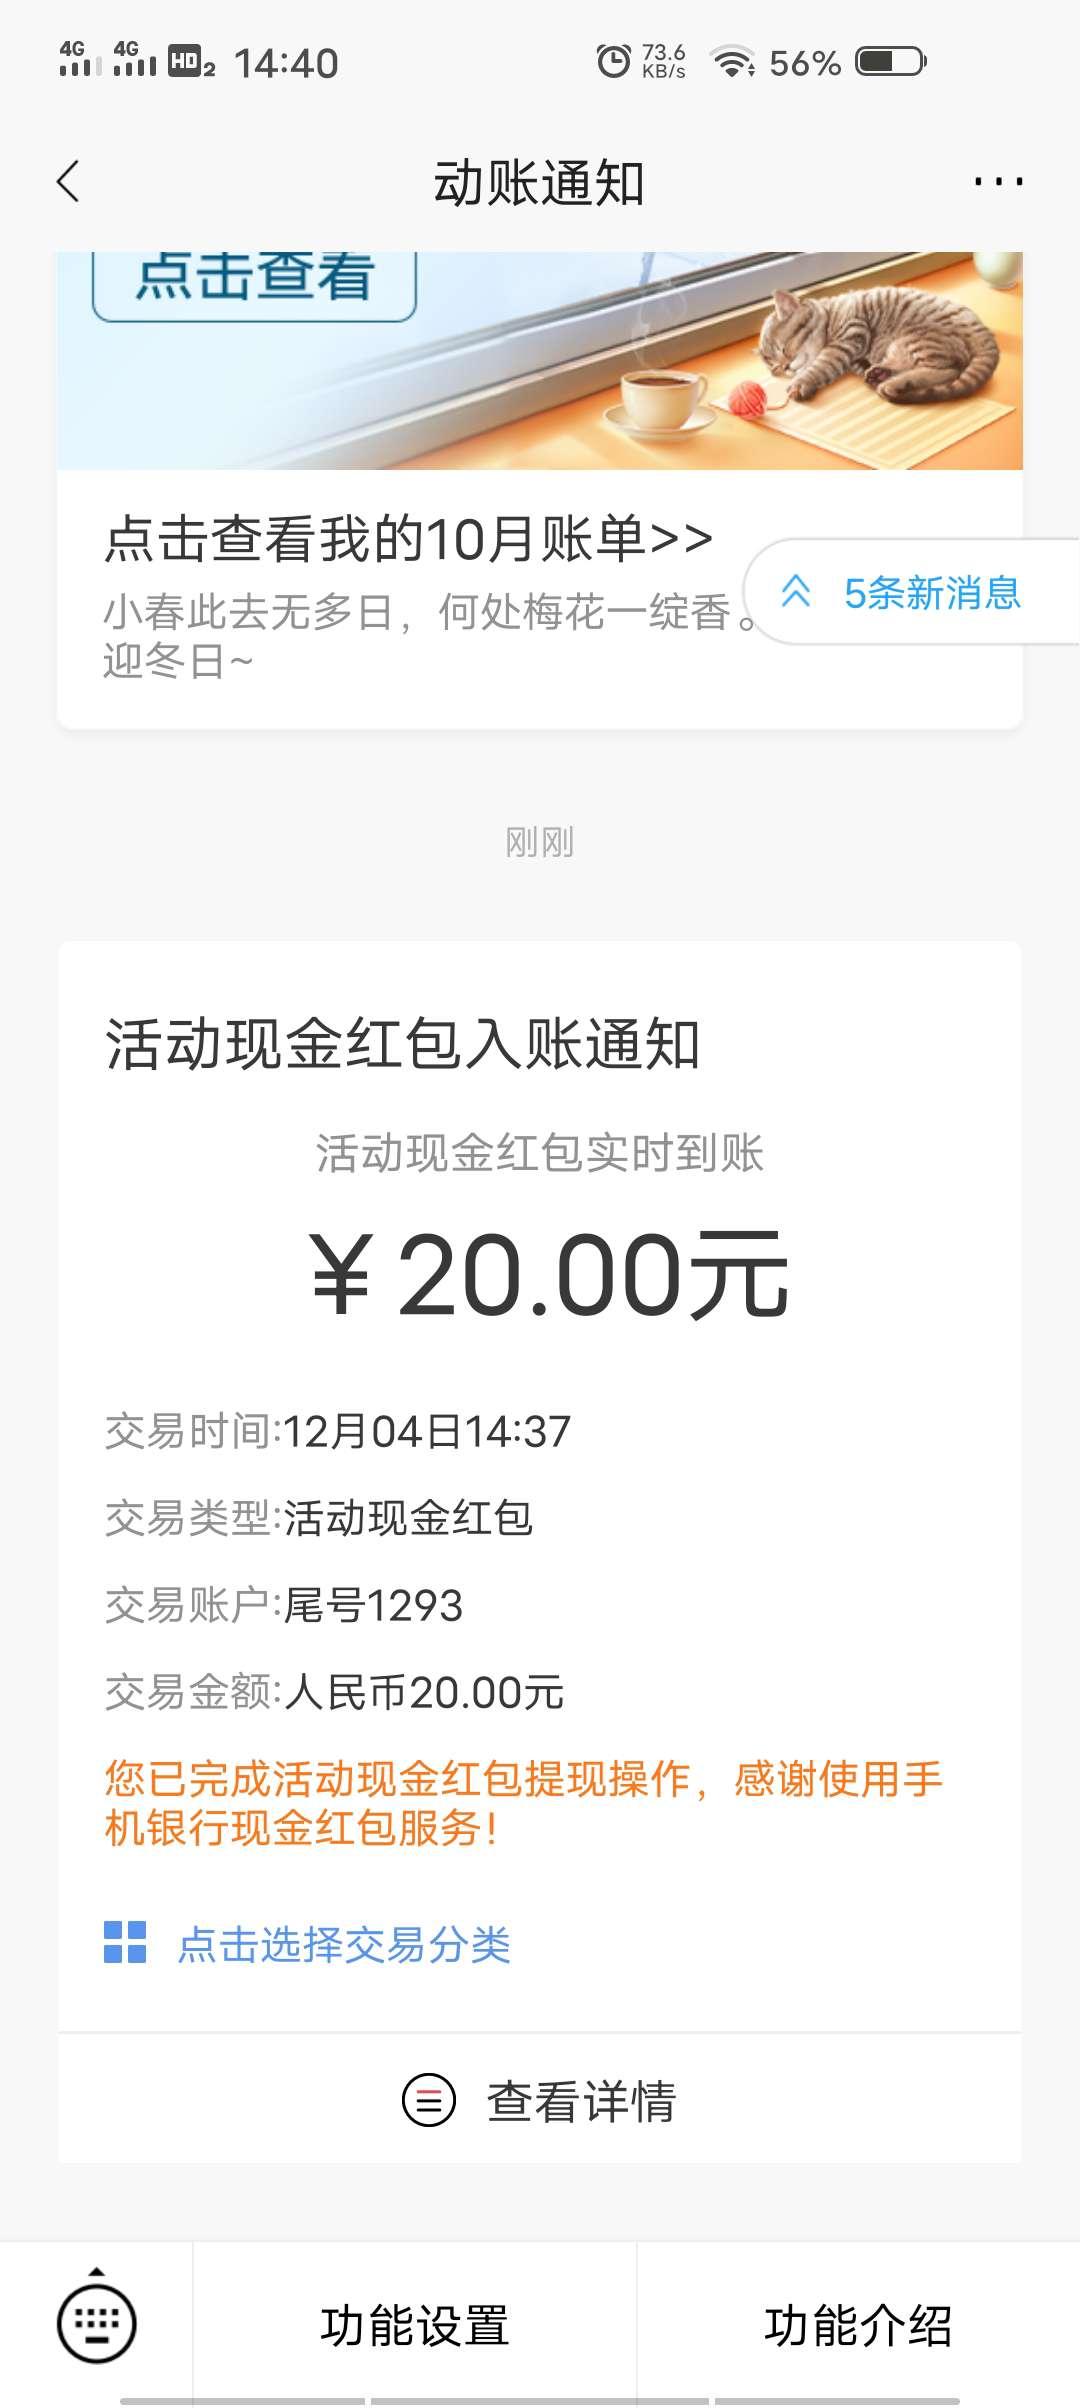 招商银行20现金-聚合资源网